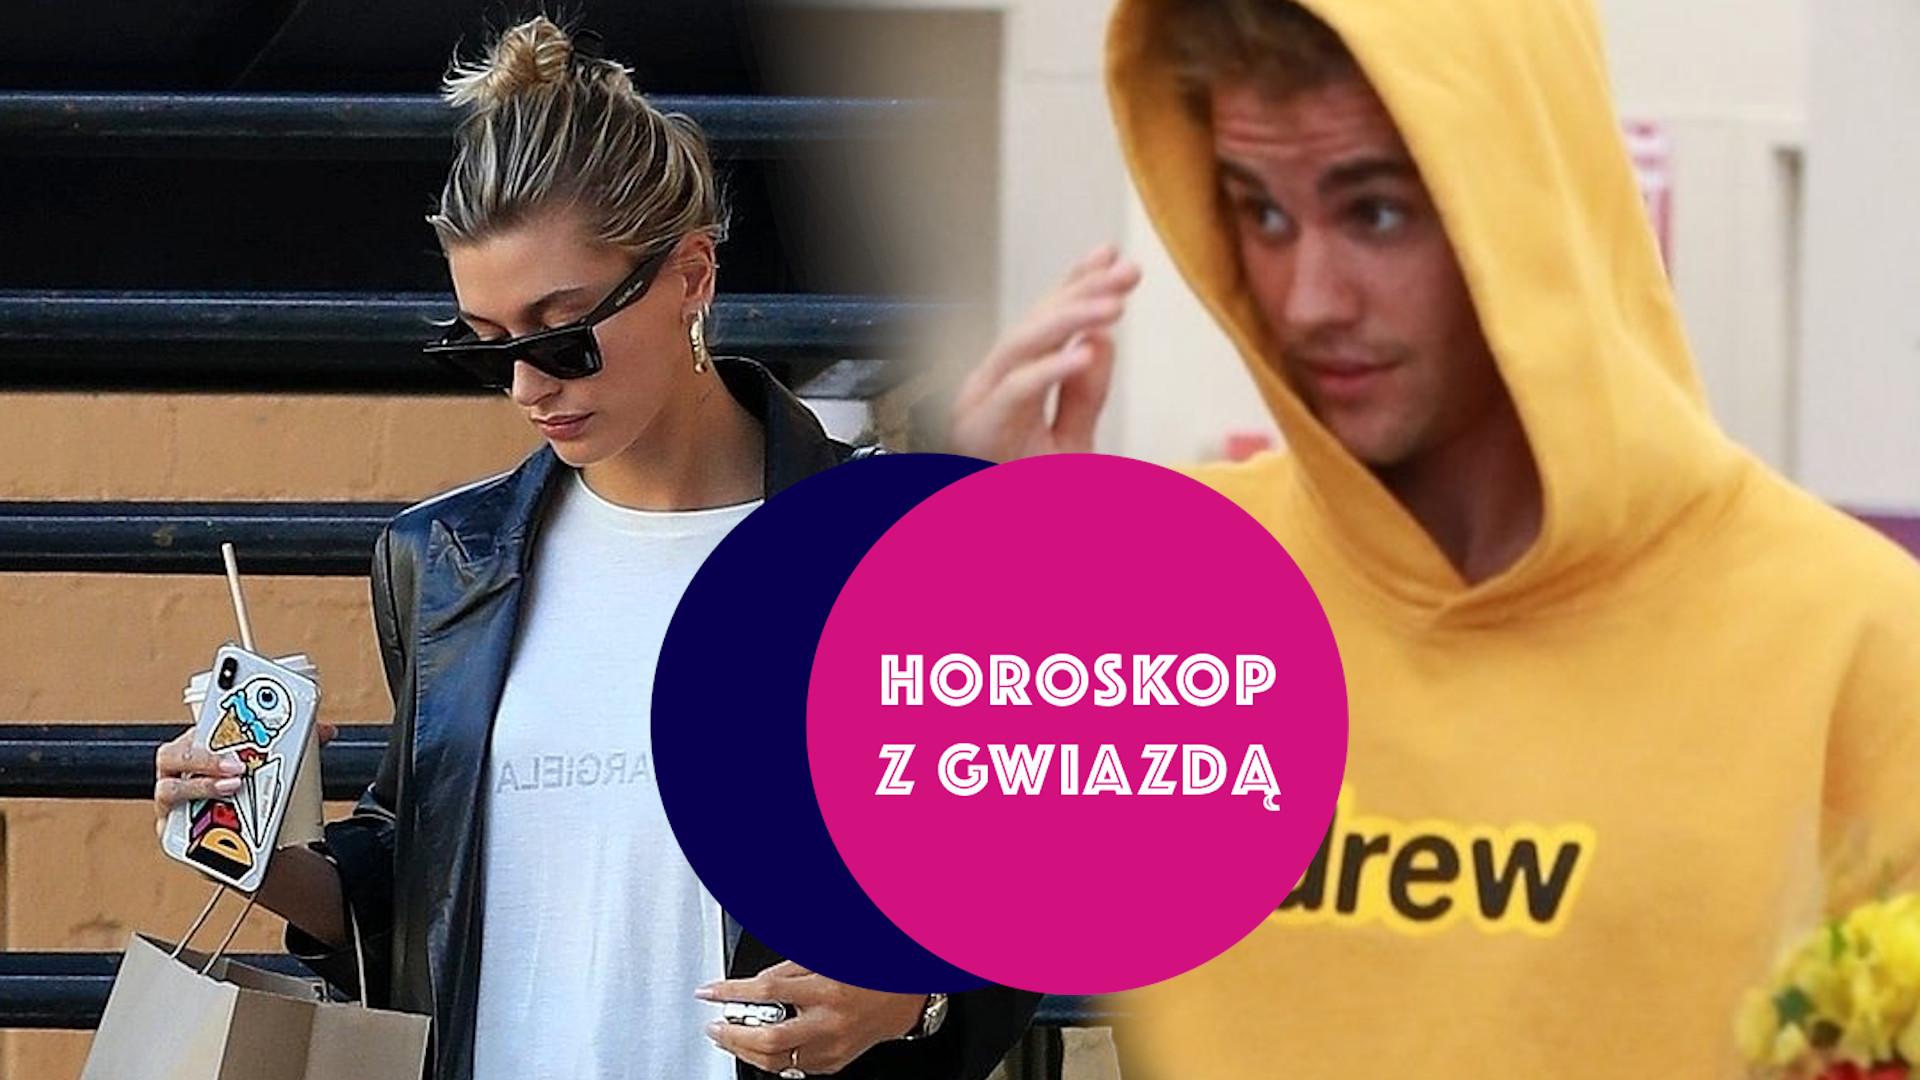 Justin Bieber nie ma szans na wieloletni związek z Hailey Baldwin. Wkrótce będzie chciała wziąć rozwód